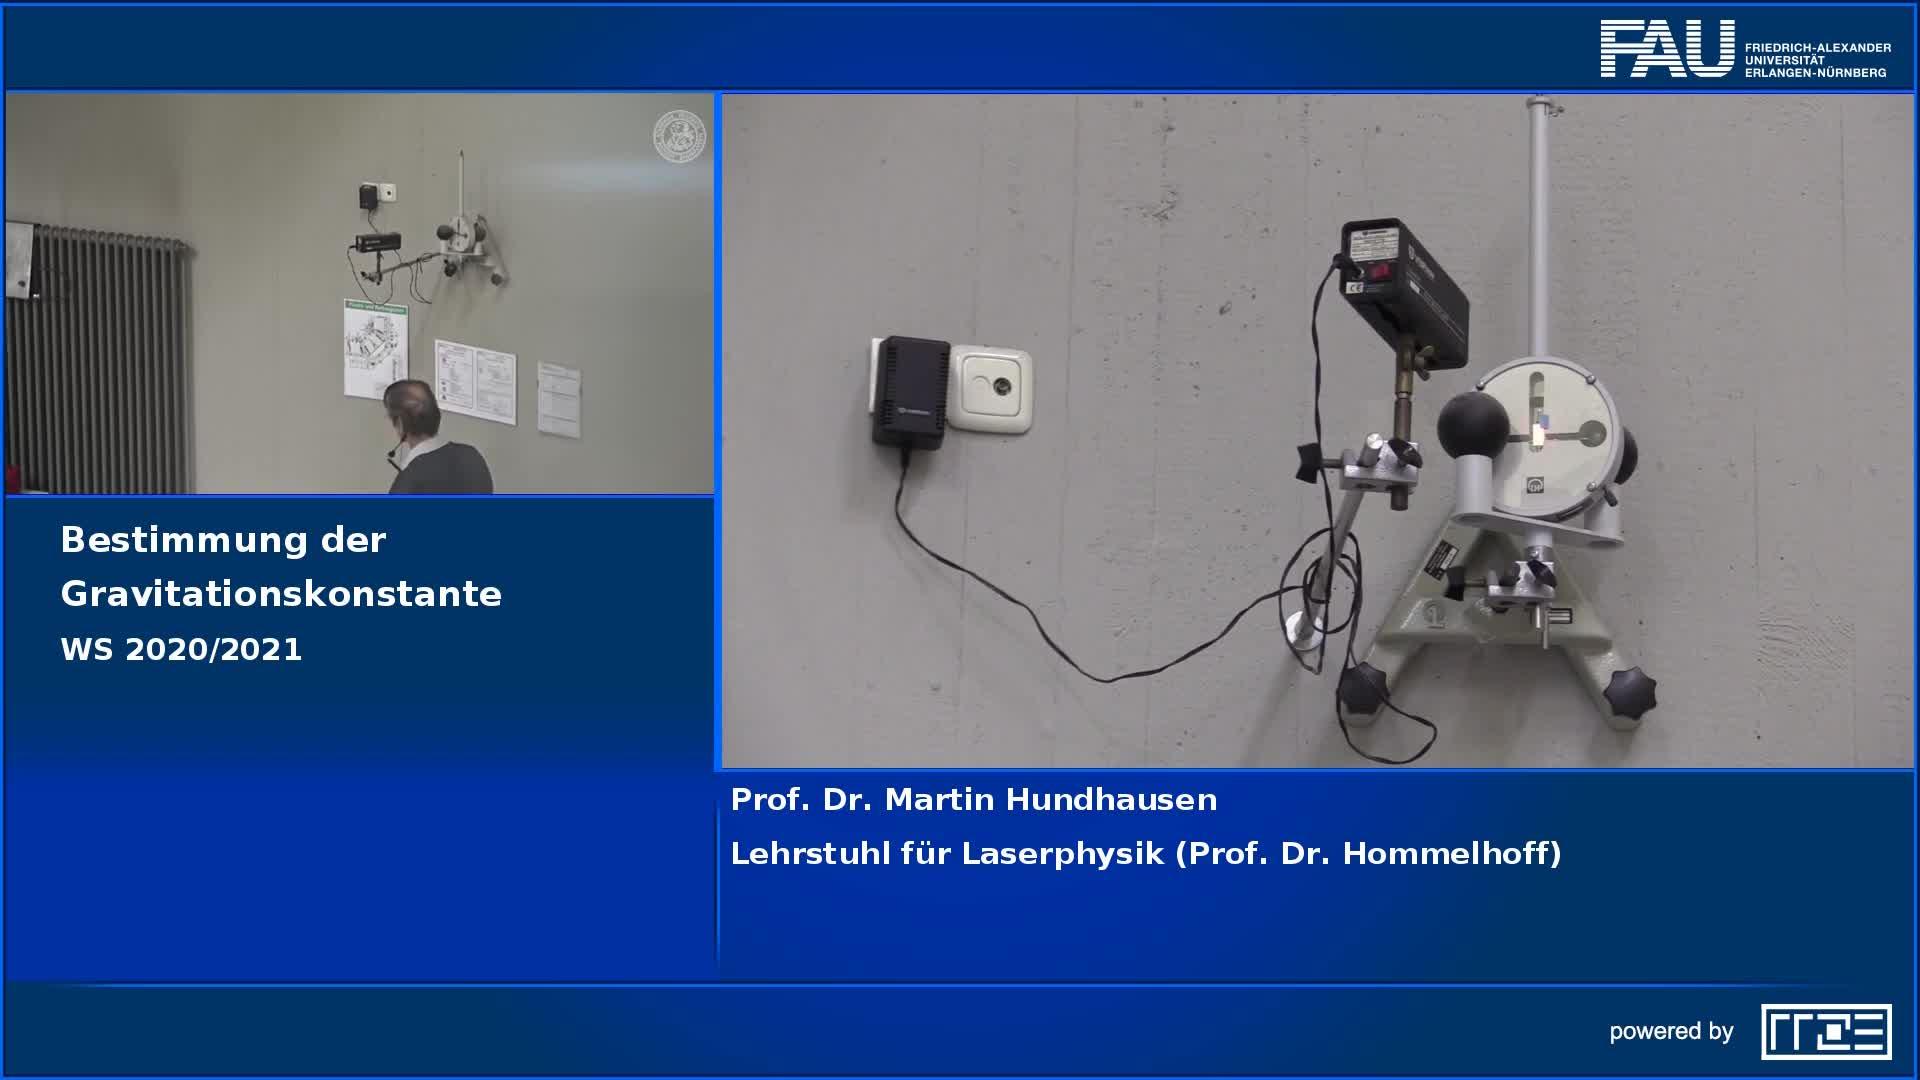 Bestimmung der Gravitationskonstanten preview image